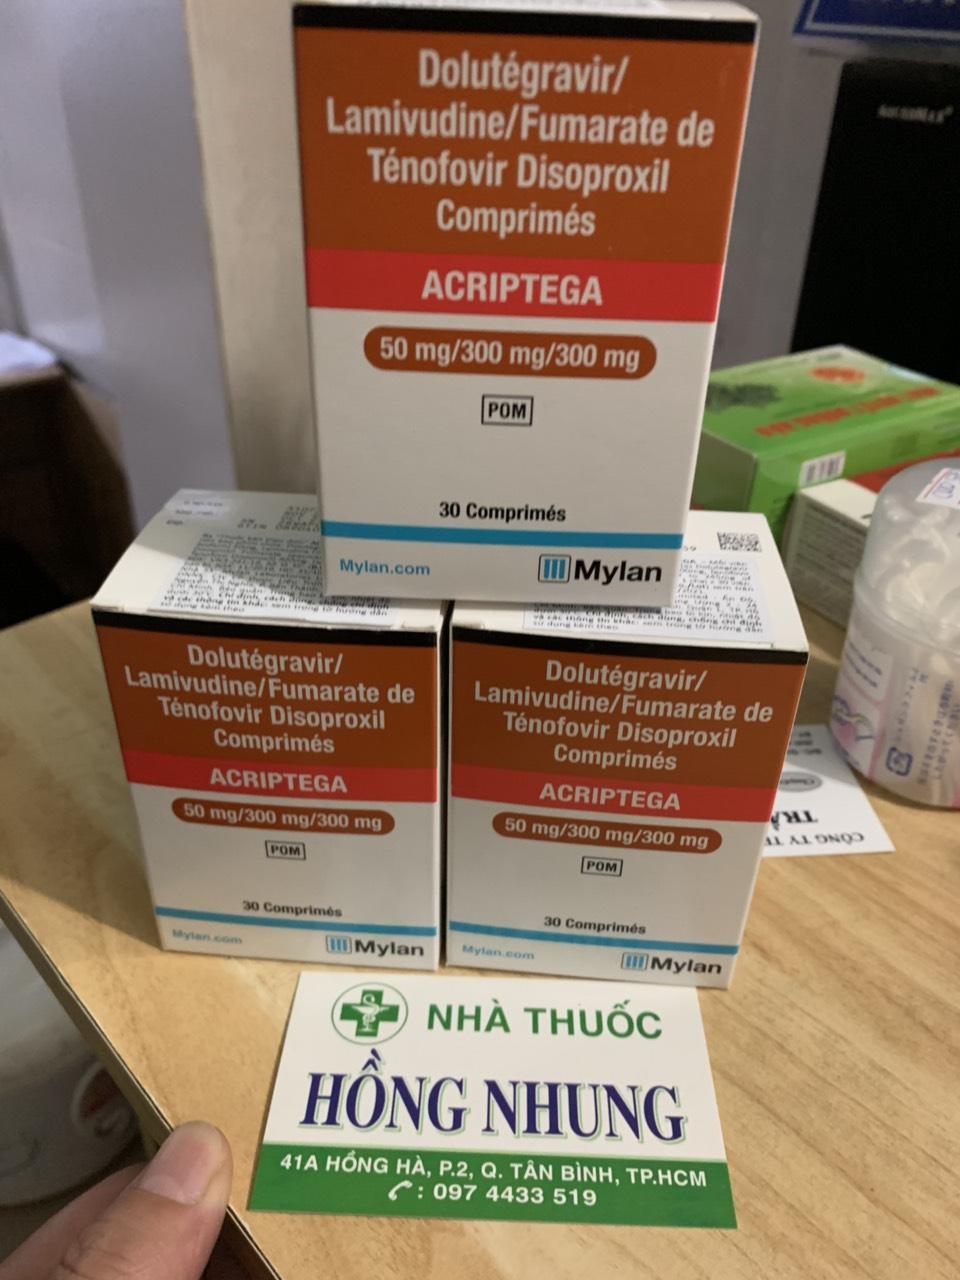 Mua thuốc ARV ACRIPTEGA 50/300/300 ĐIỀU TRỊ HIV Ở ĐÂU TỐT NHẤT TPHCM, HÀ NỘI